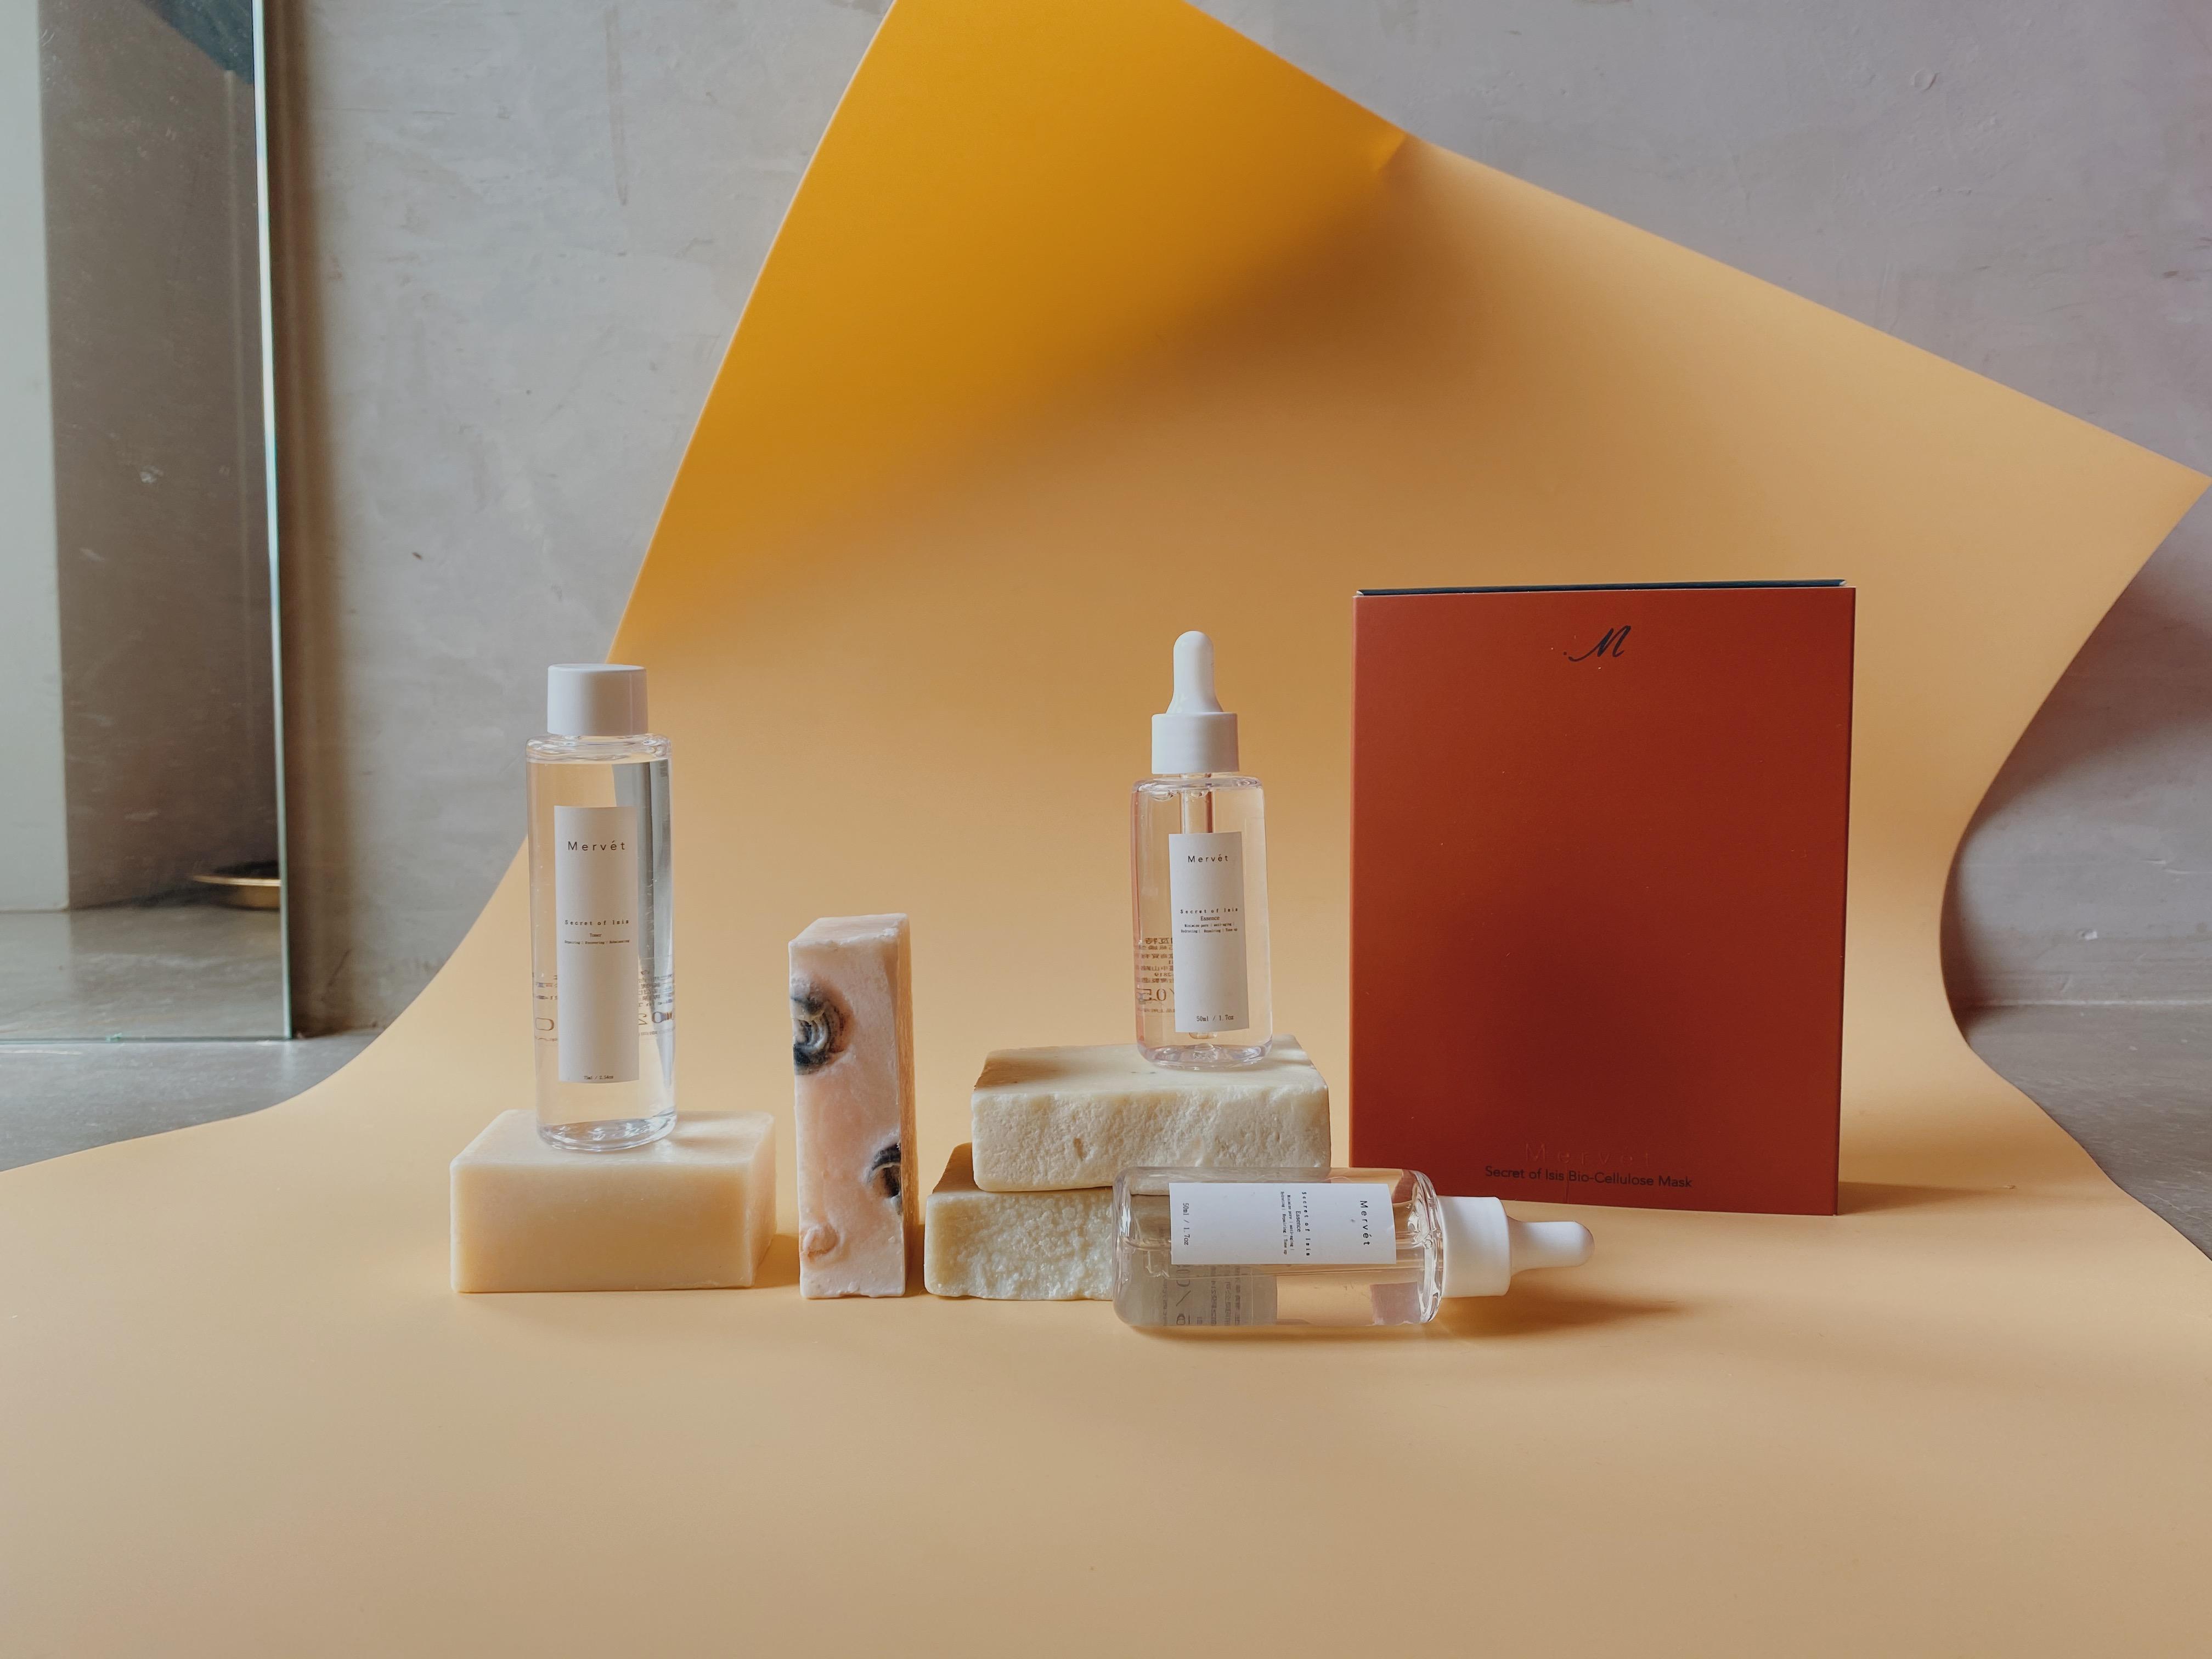 Mervet Organic Skincare